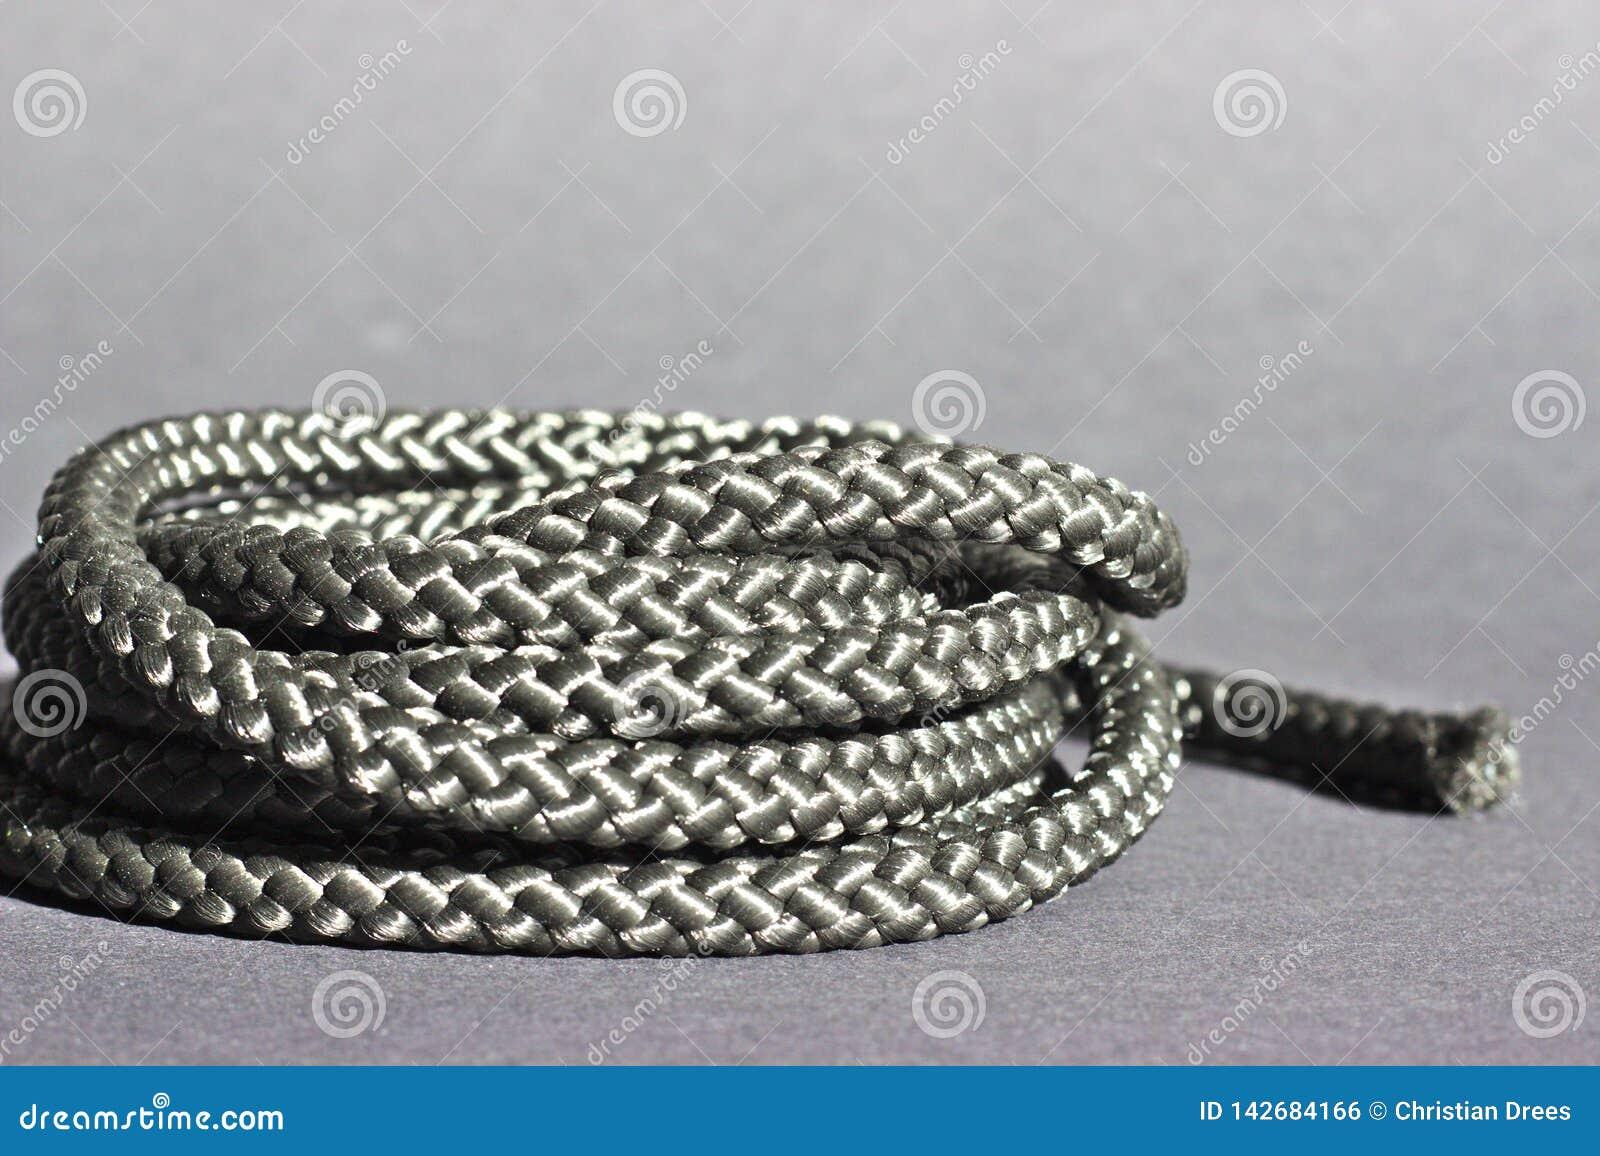 Es una cuerda para el uso múltiple